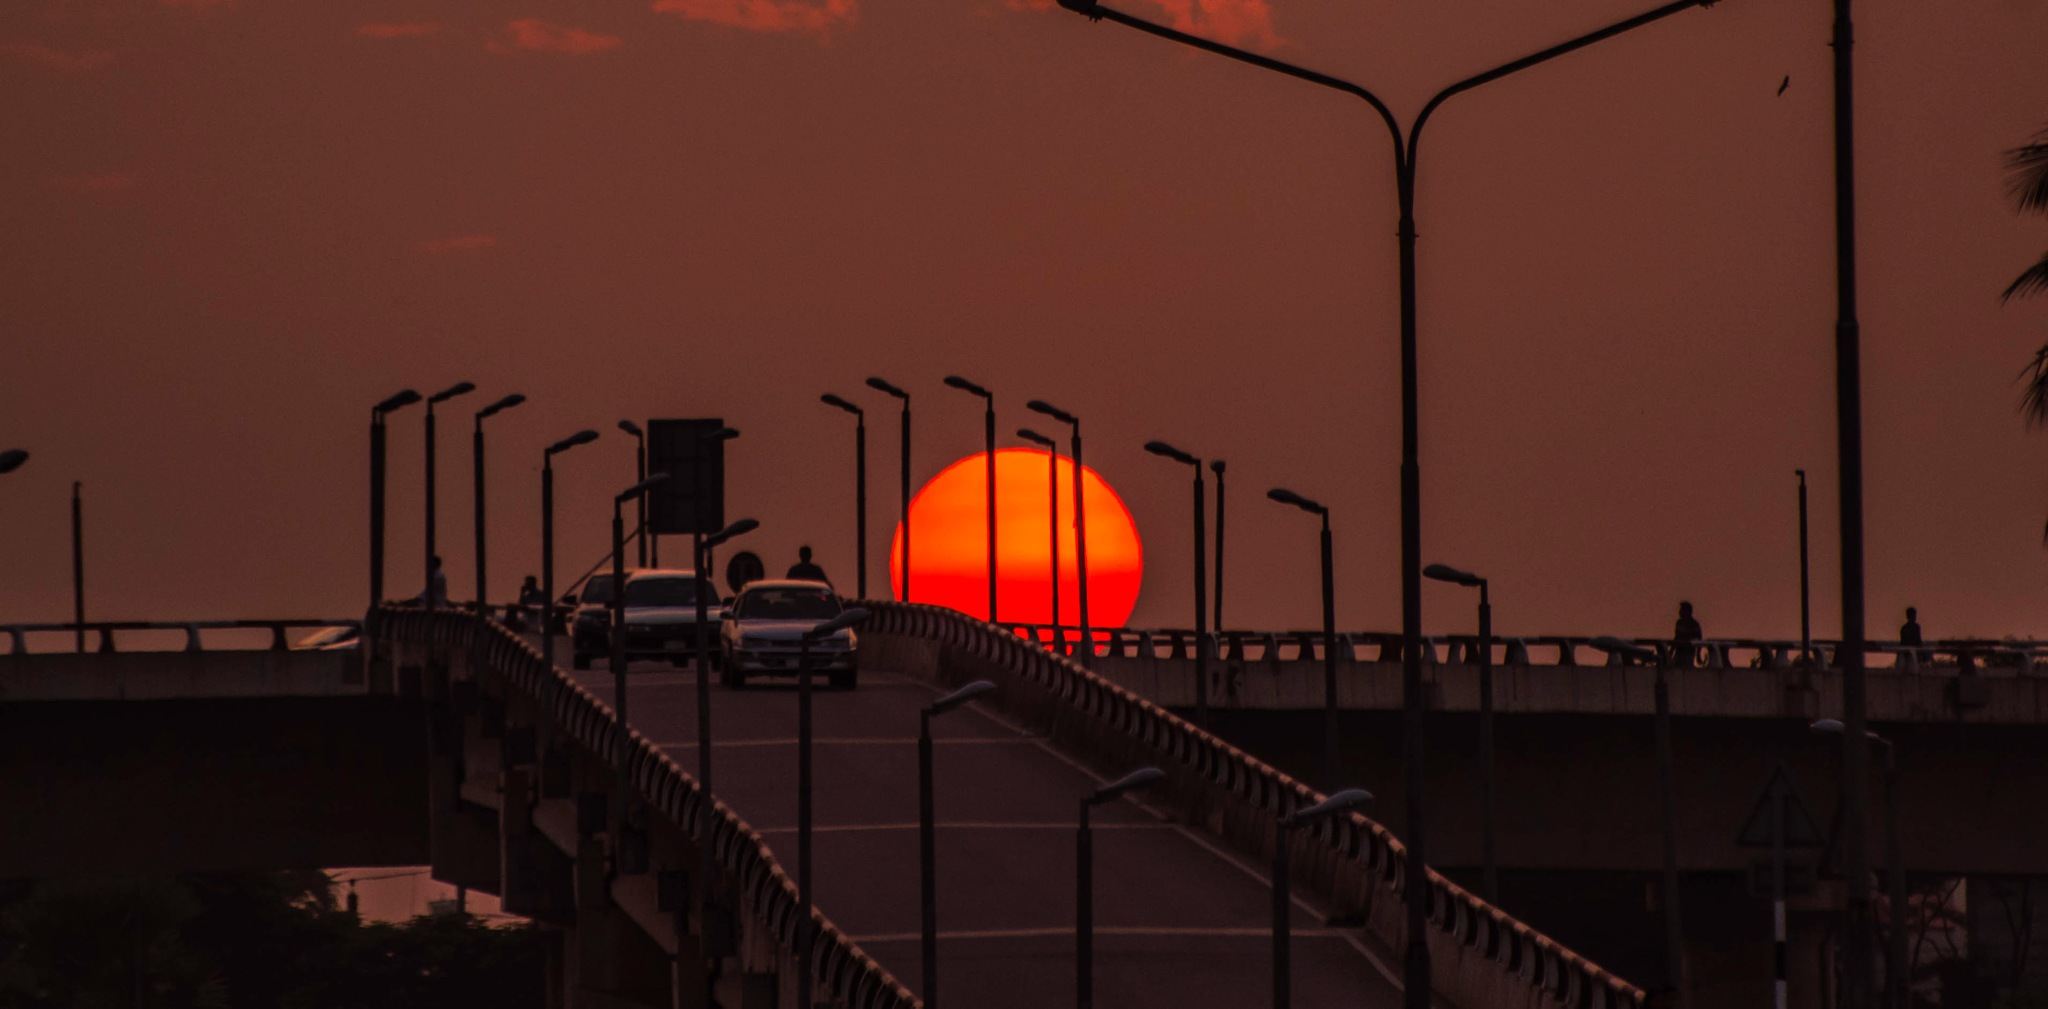 Sunset  by akm.azad.14